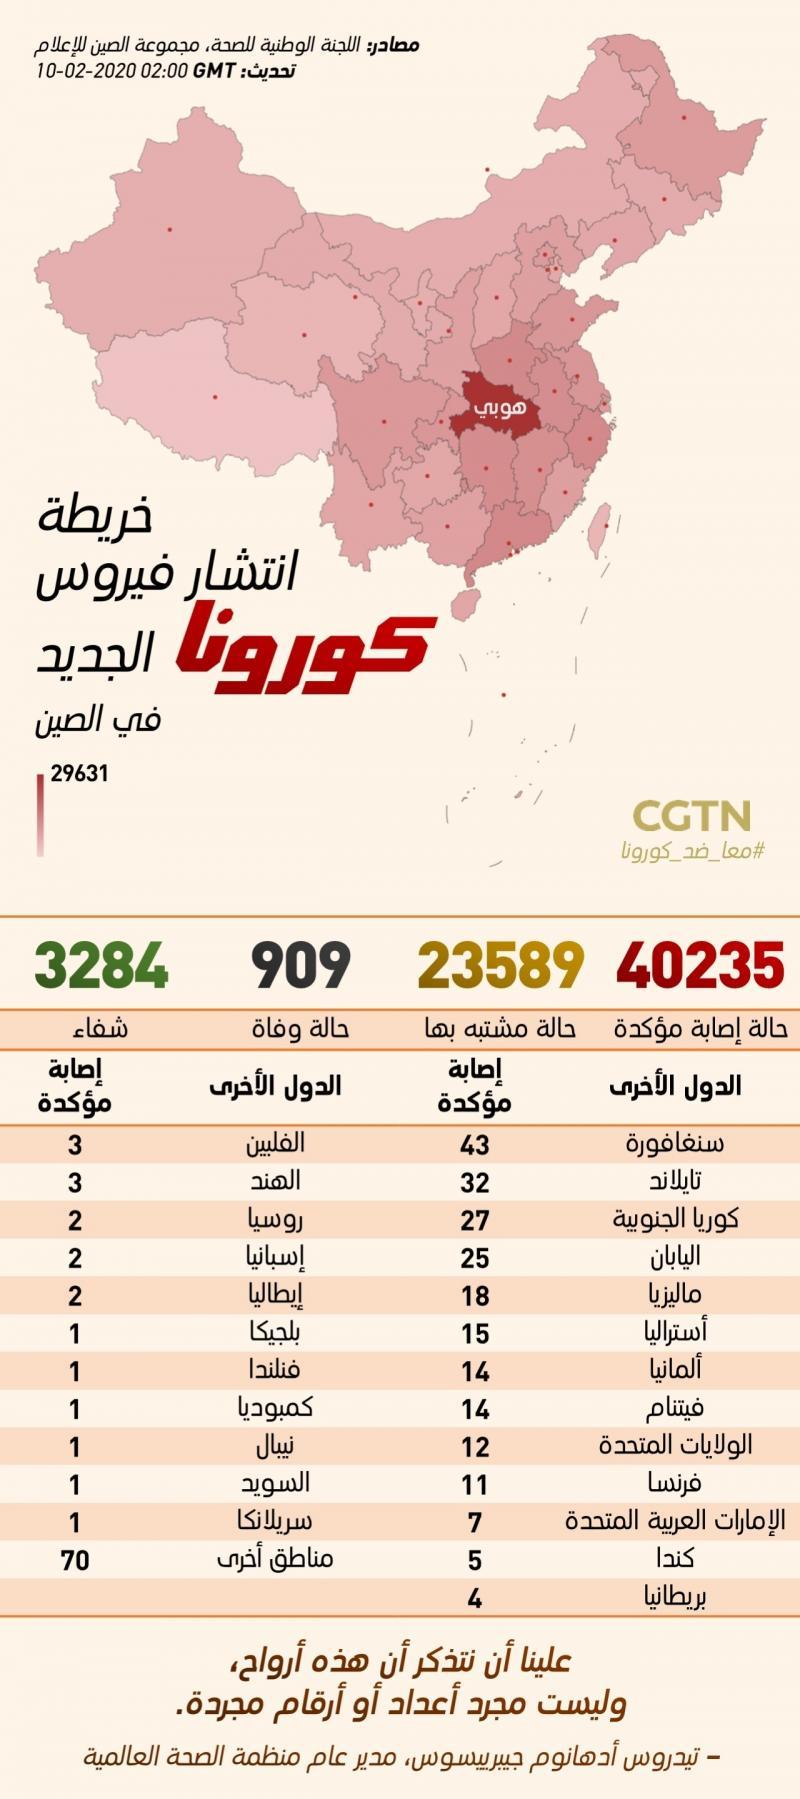 احصائيات فايروس #كورونا حتى اليوم #انفوجرافيك #انفوجرافيك_عربي